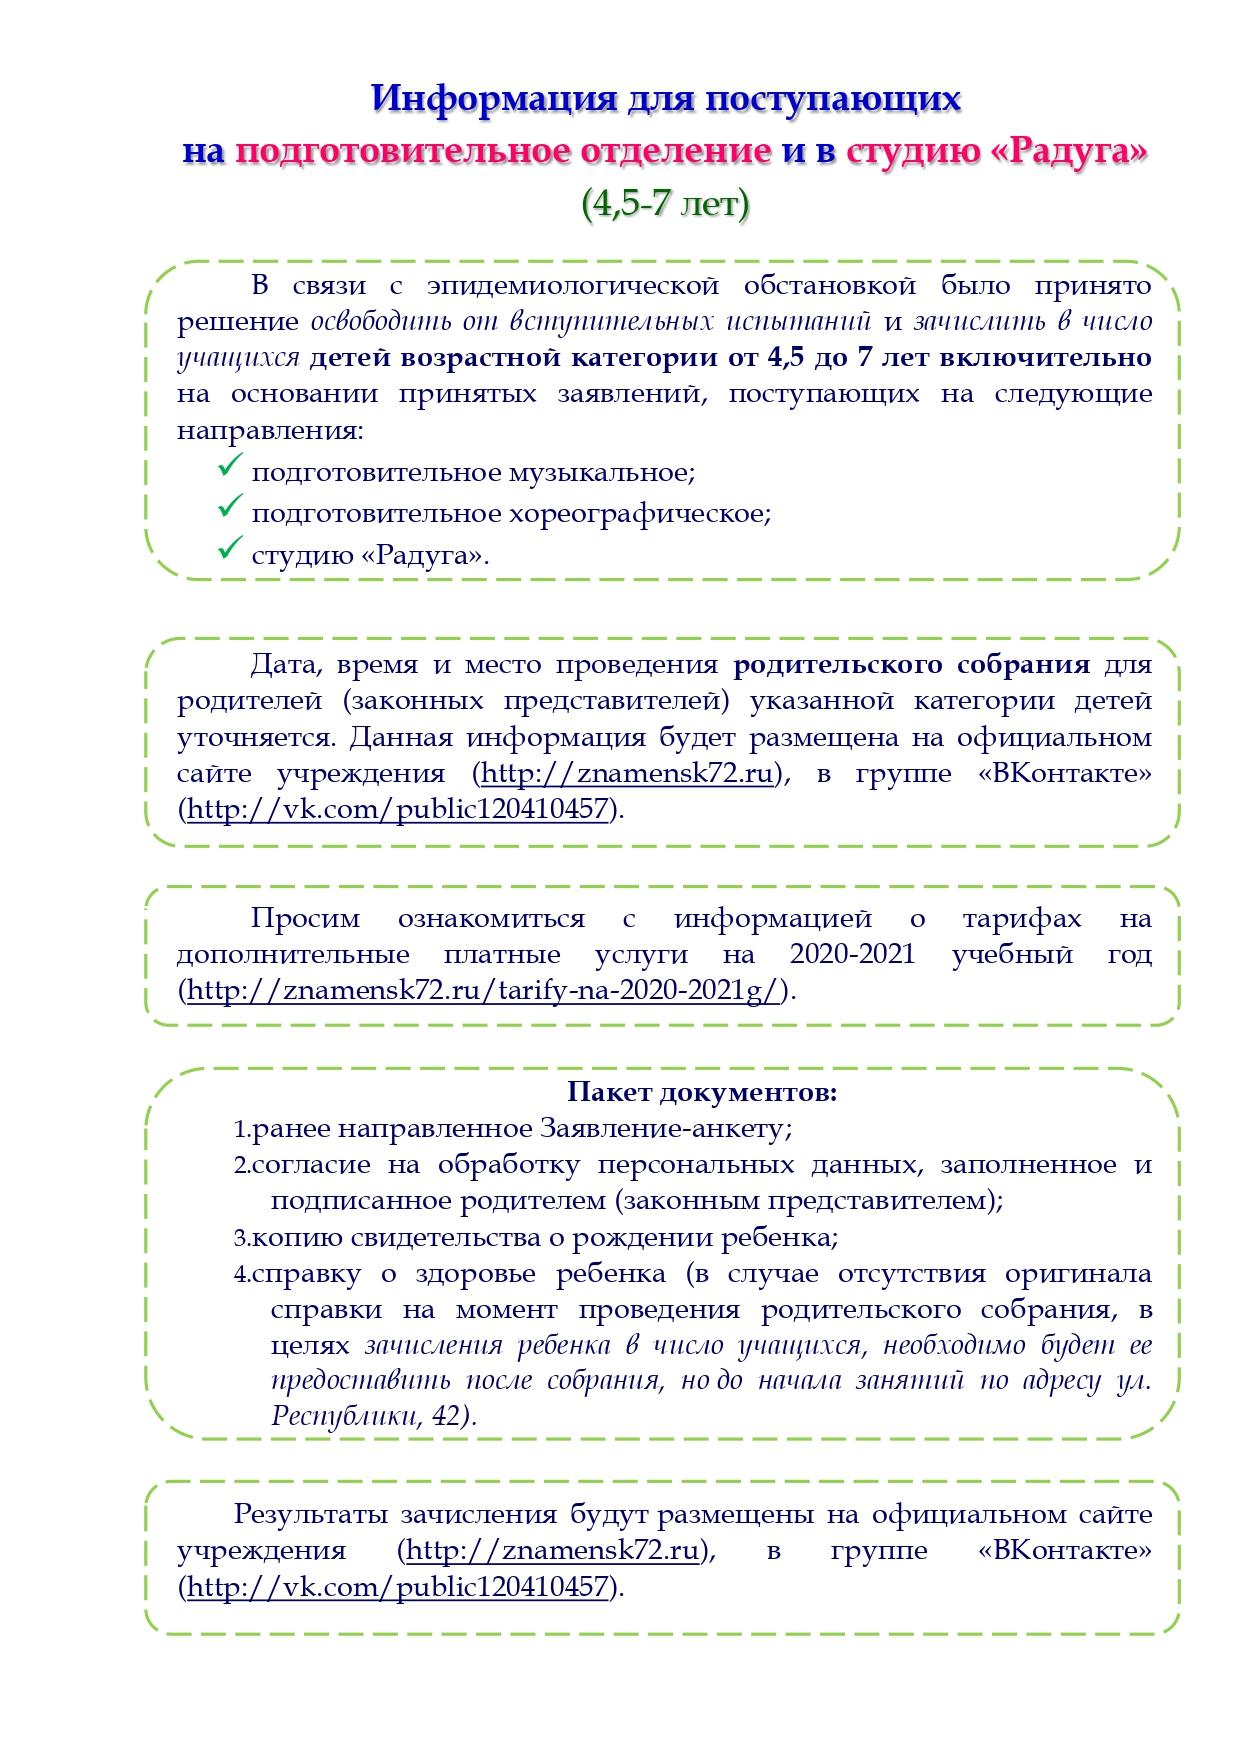 Информация для поступающих по разным направлениям и возрастам_page-0001